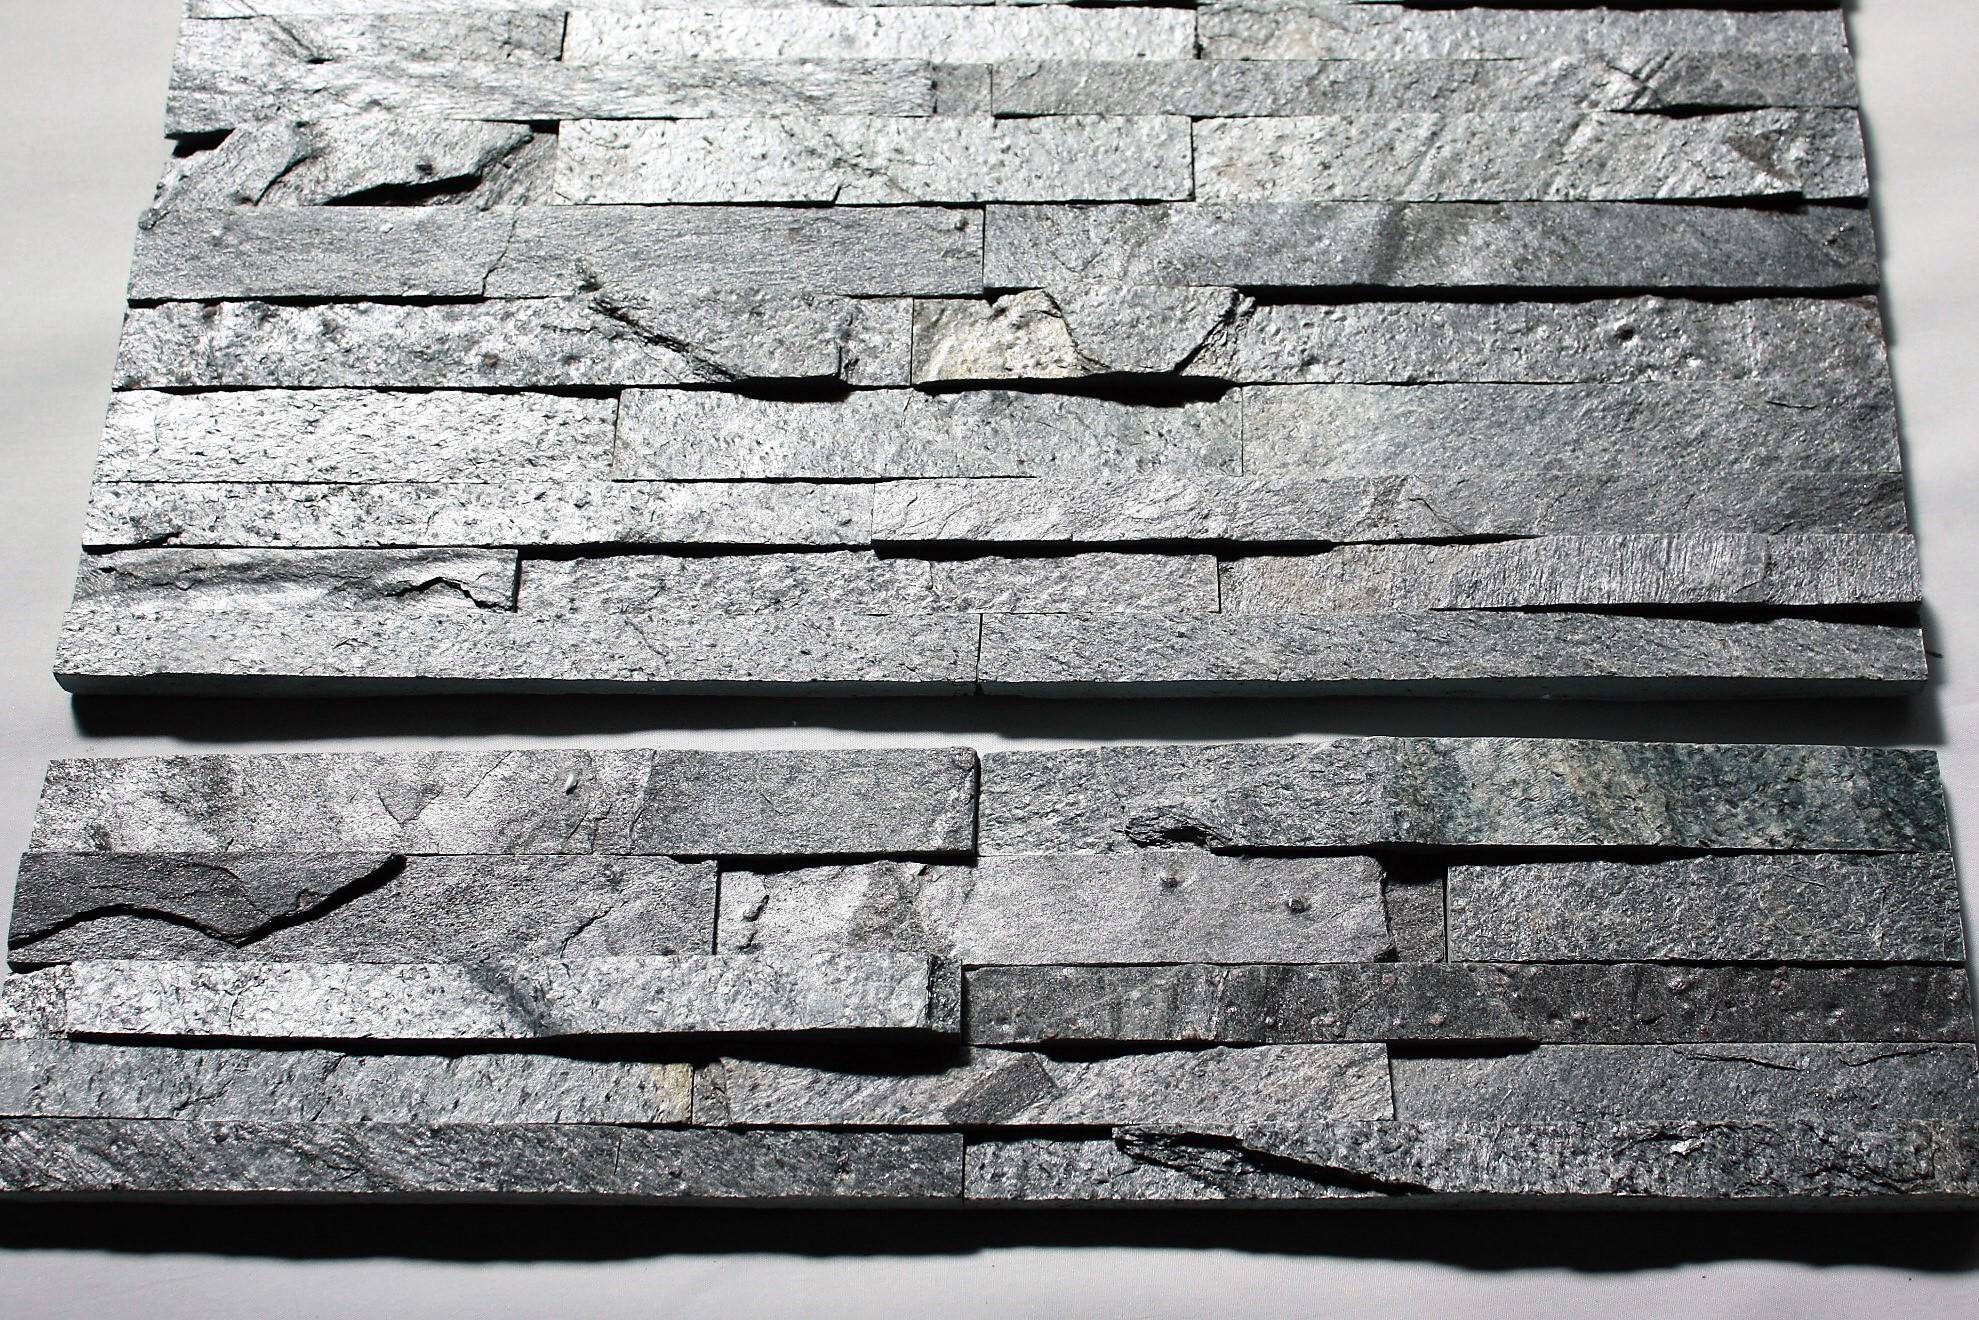 Wandsteine Verblender Riemchen Klinker Steinpaneel Natursteinriemchen Verblender stein Wandverkleidung wandfolie steinwand Steinoptik Kamin